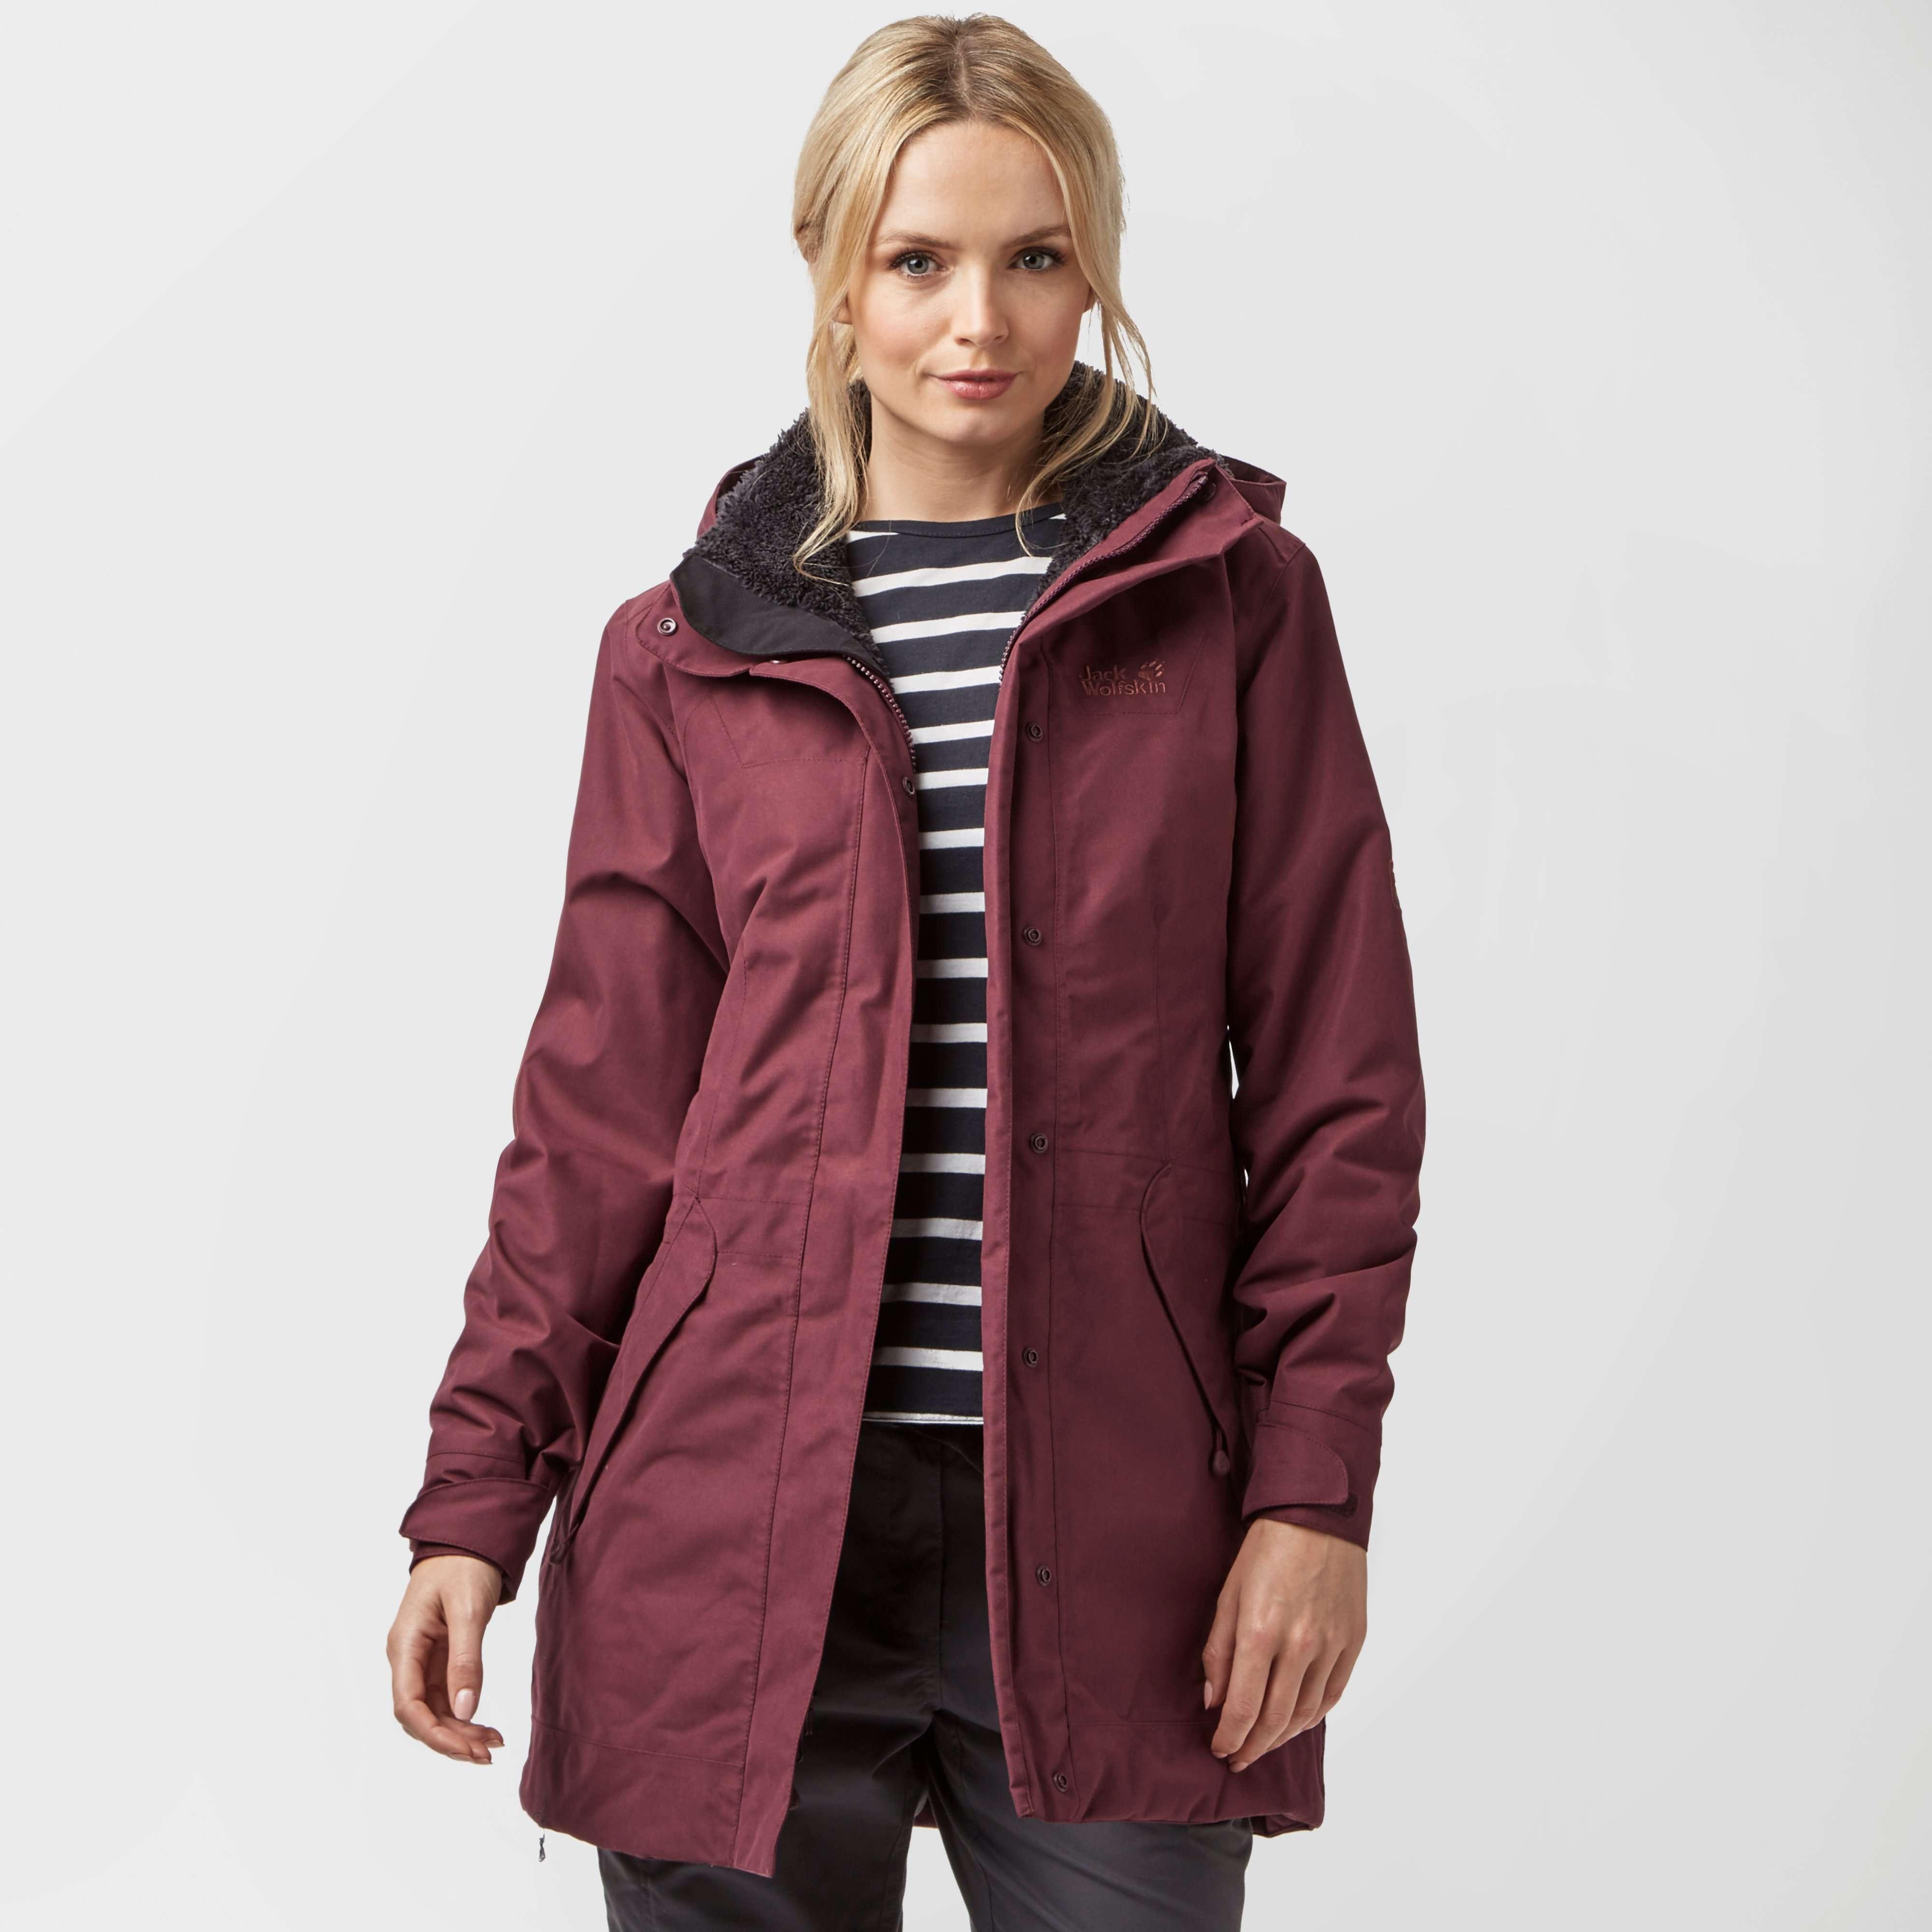 JACK WOLFSKIN Women's 5th Avenue Coat